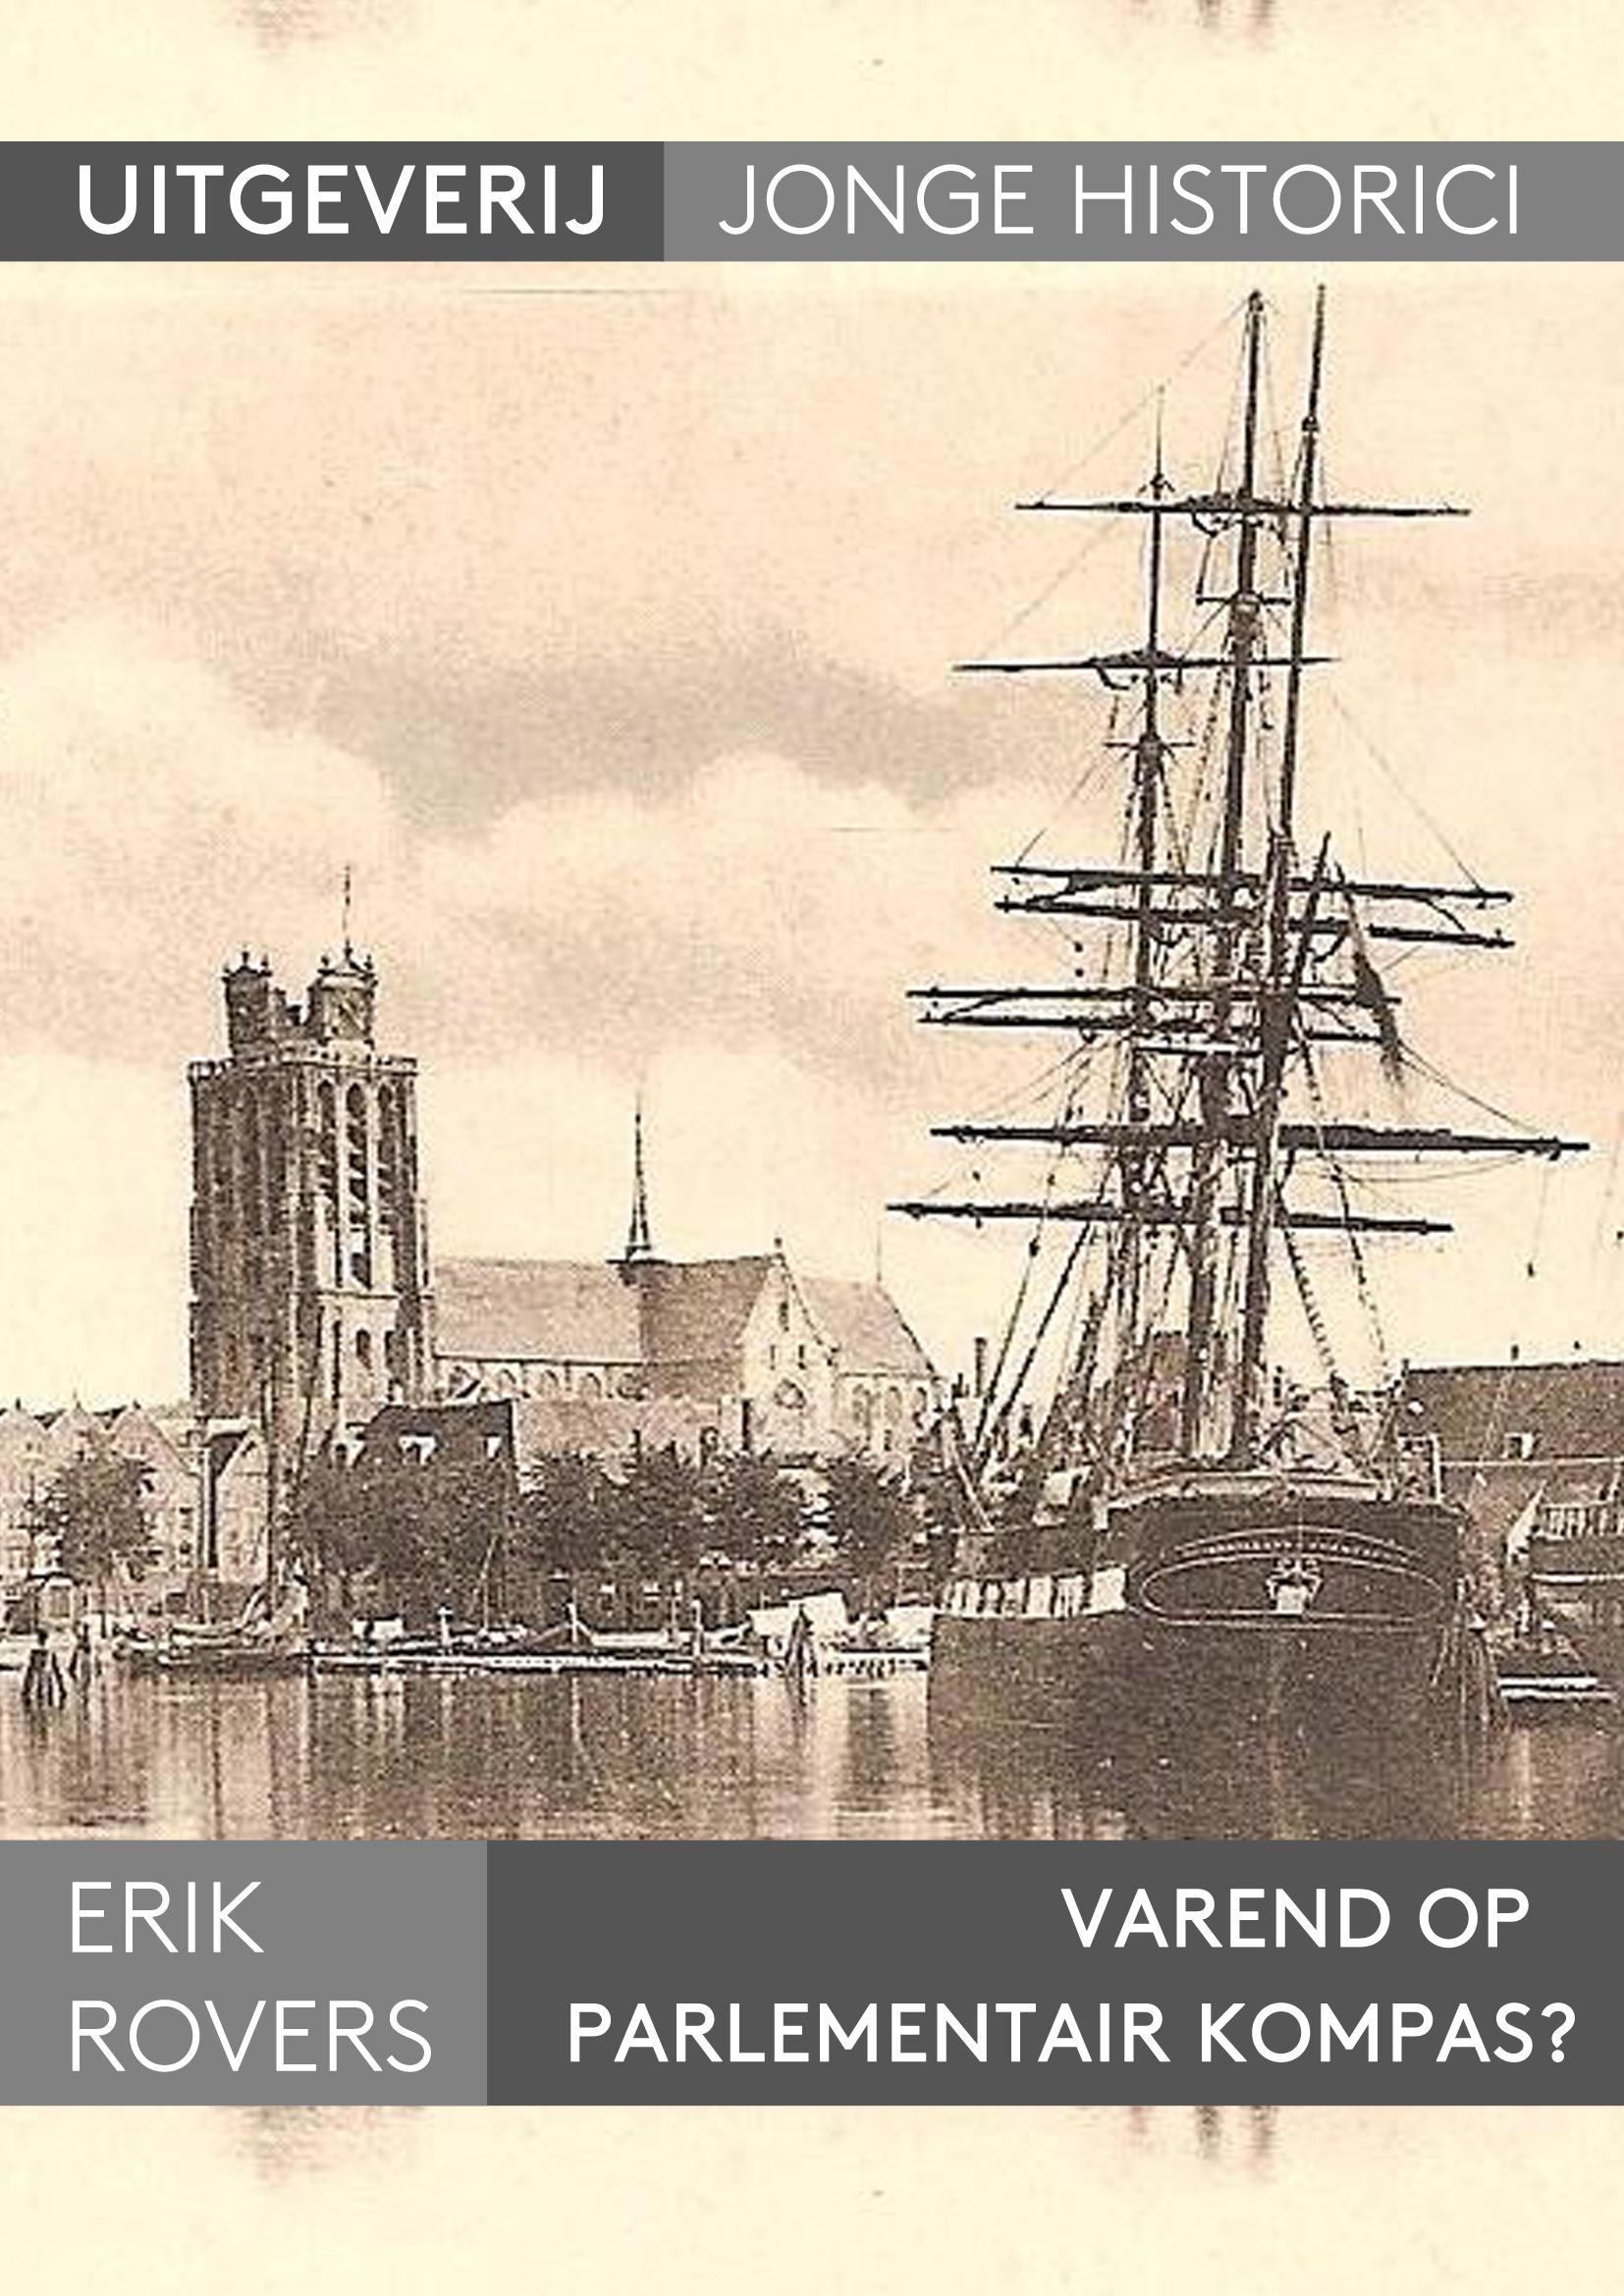 Erik Rovers, Varend op een politiek kompas? Een onderzoek naar de scheepvaartenquête in relatie tot maritiem Dordrecht (1850-1873)